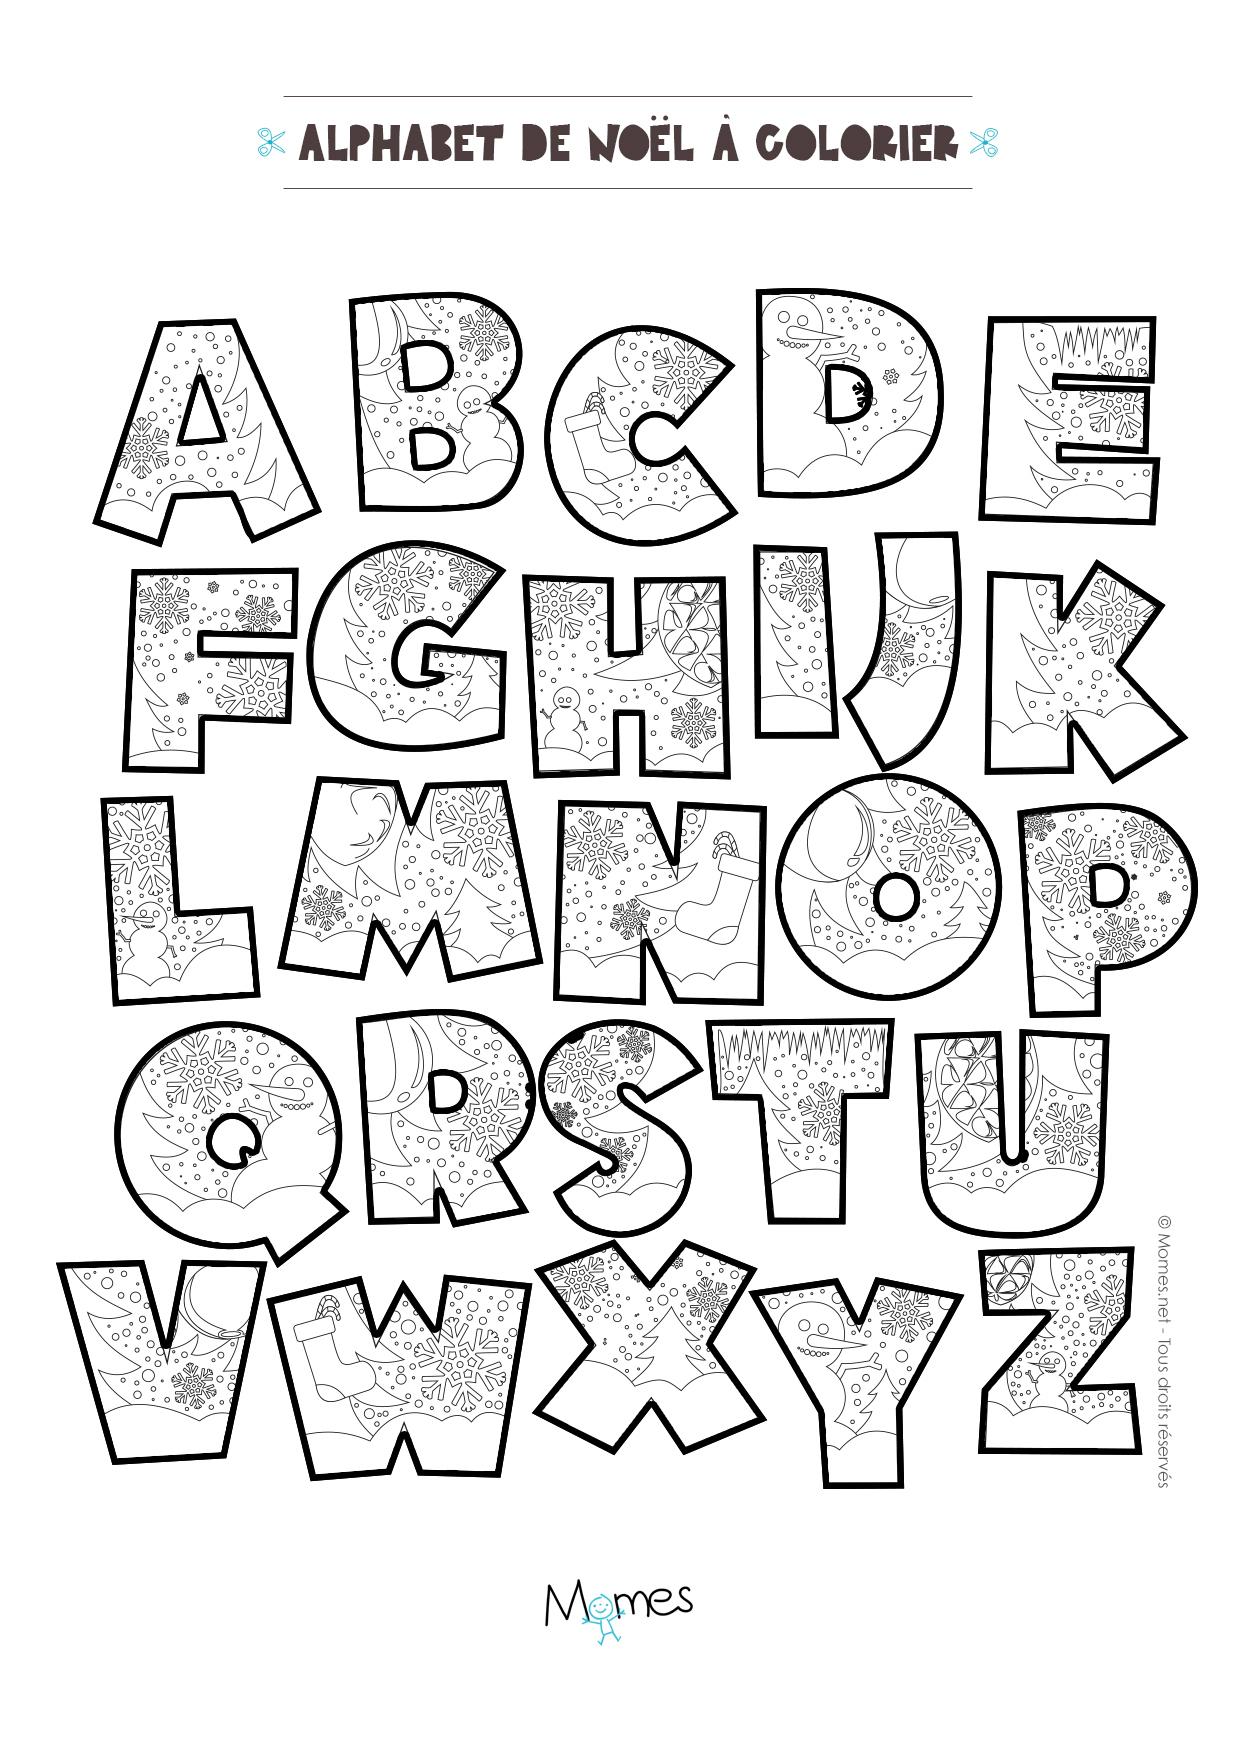 Coloriage Alphabet De Noël À Imprimer - Momes destiné Alphabet À Colorier Maternelle